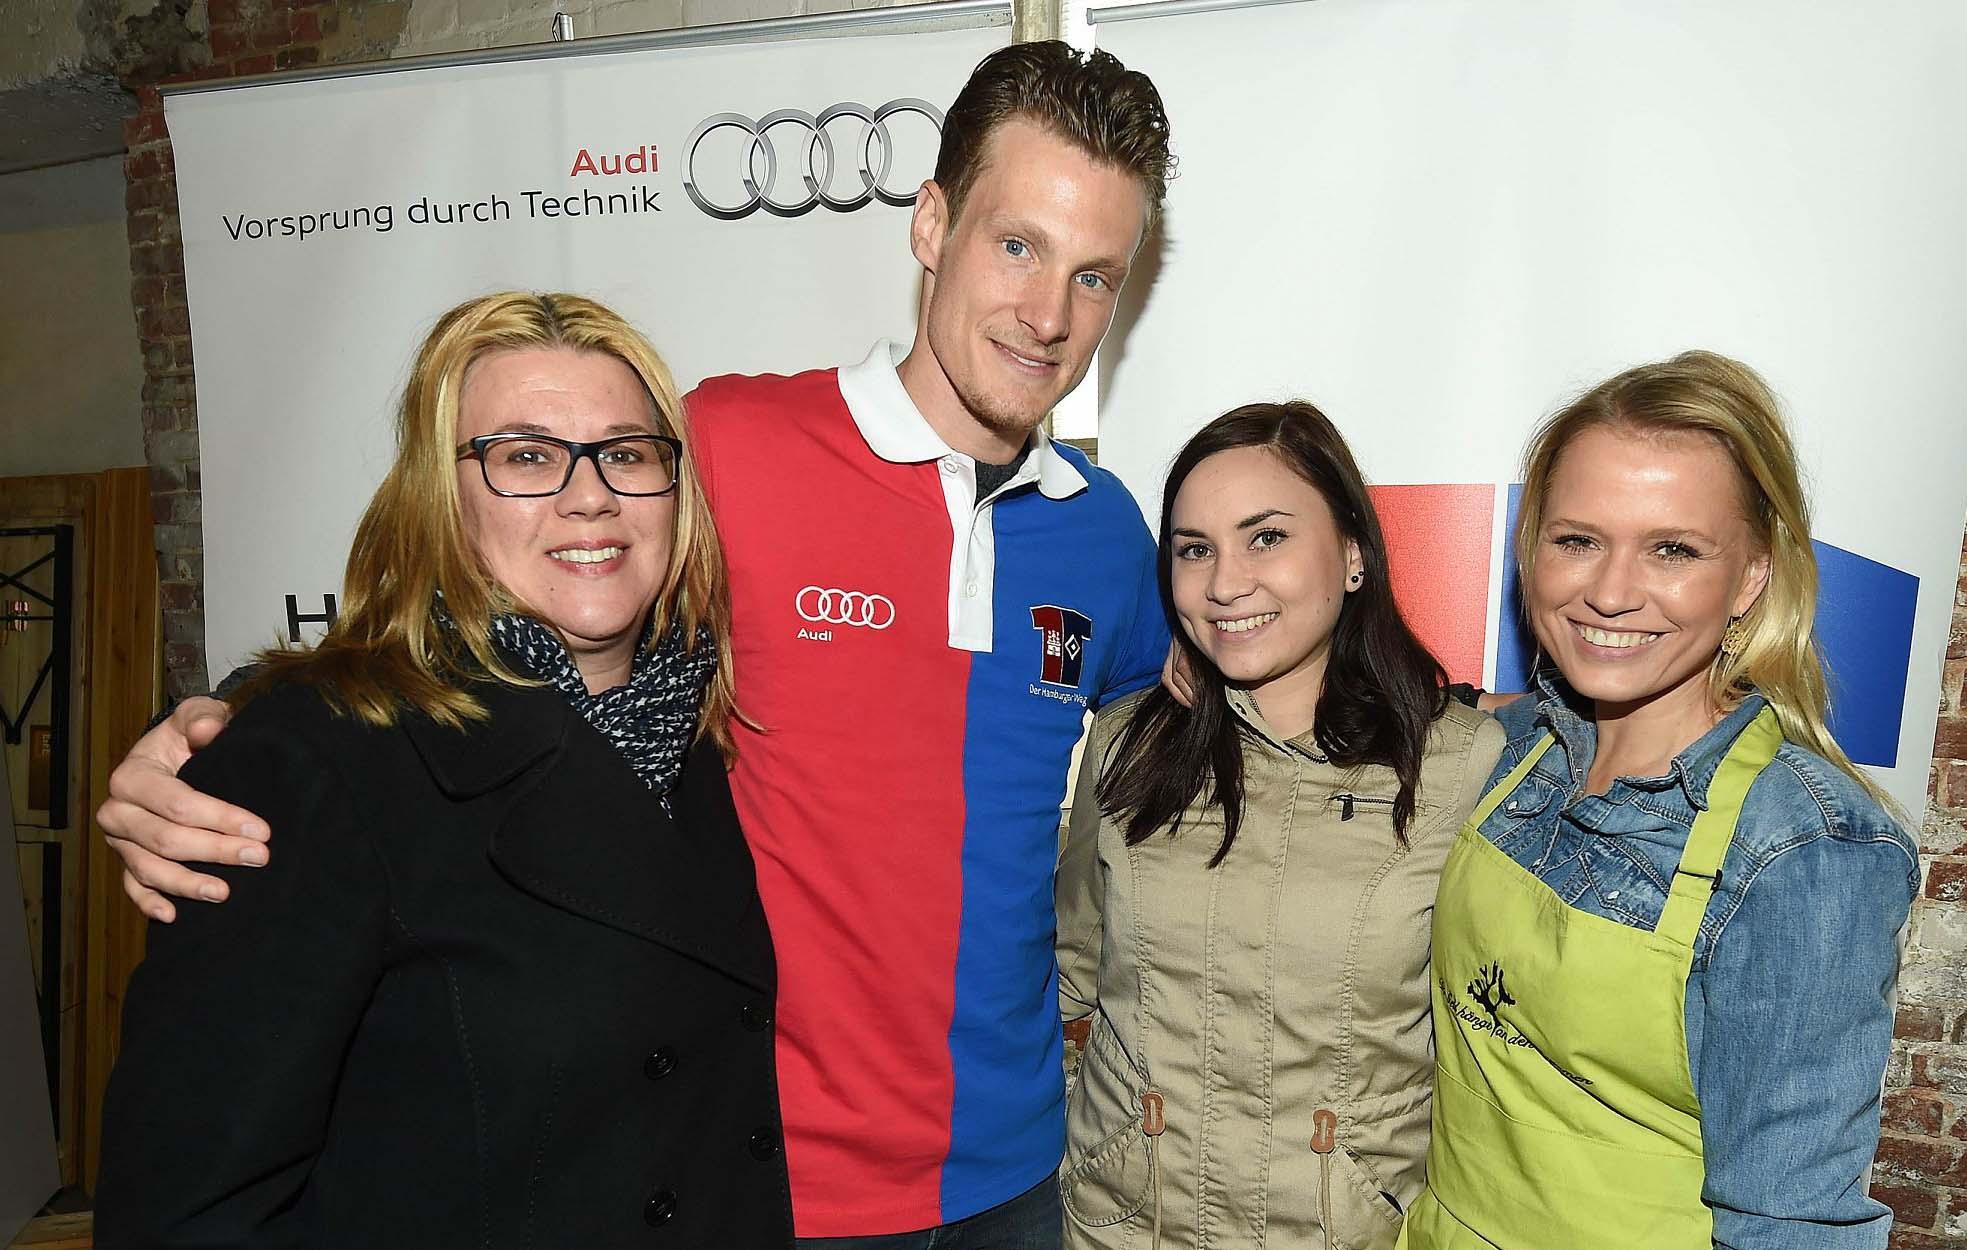 Claudia Schulz PR Team mit Marcell Jansen_Nova Meierhenrich 27.4.